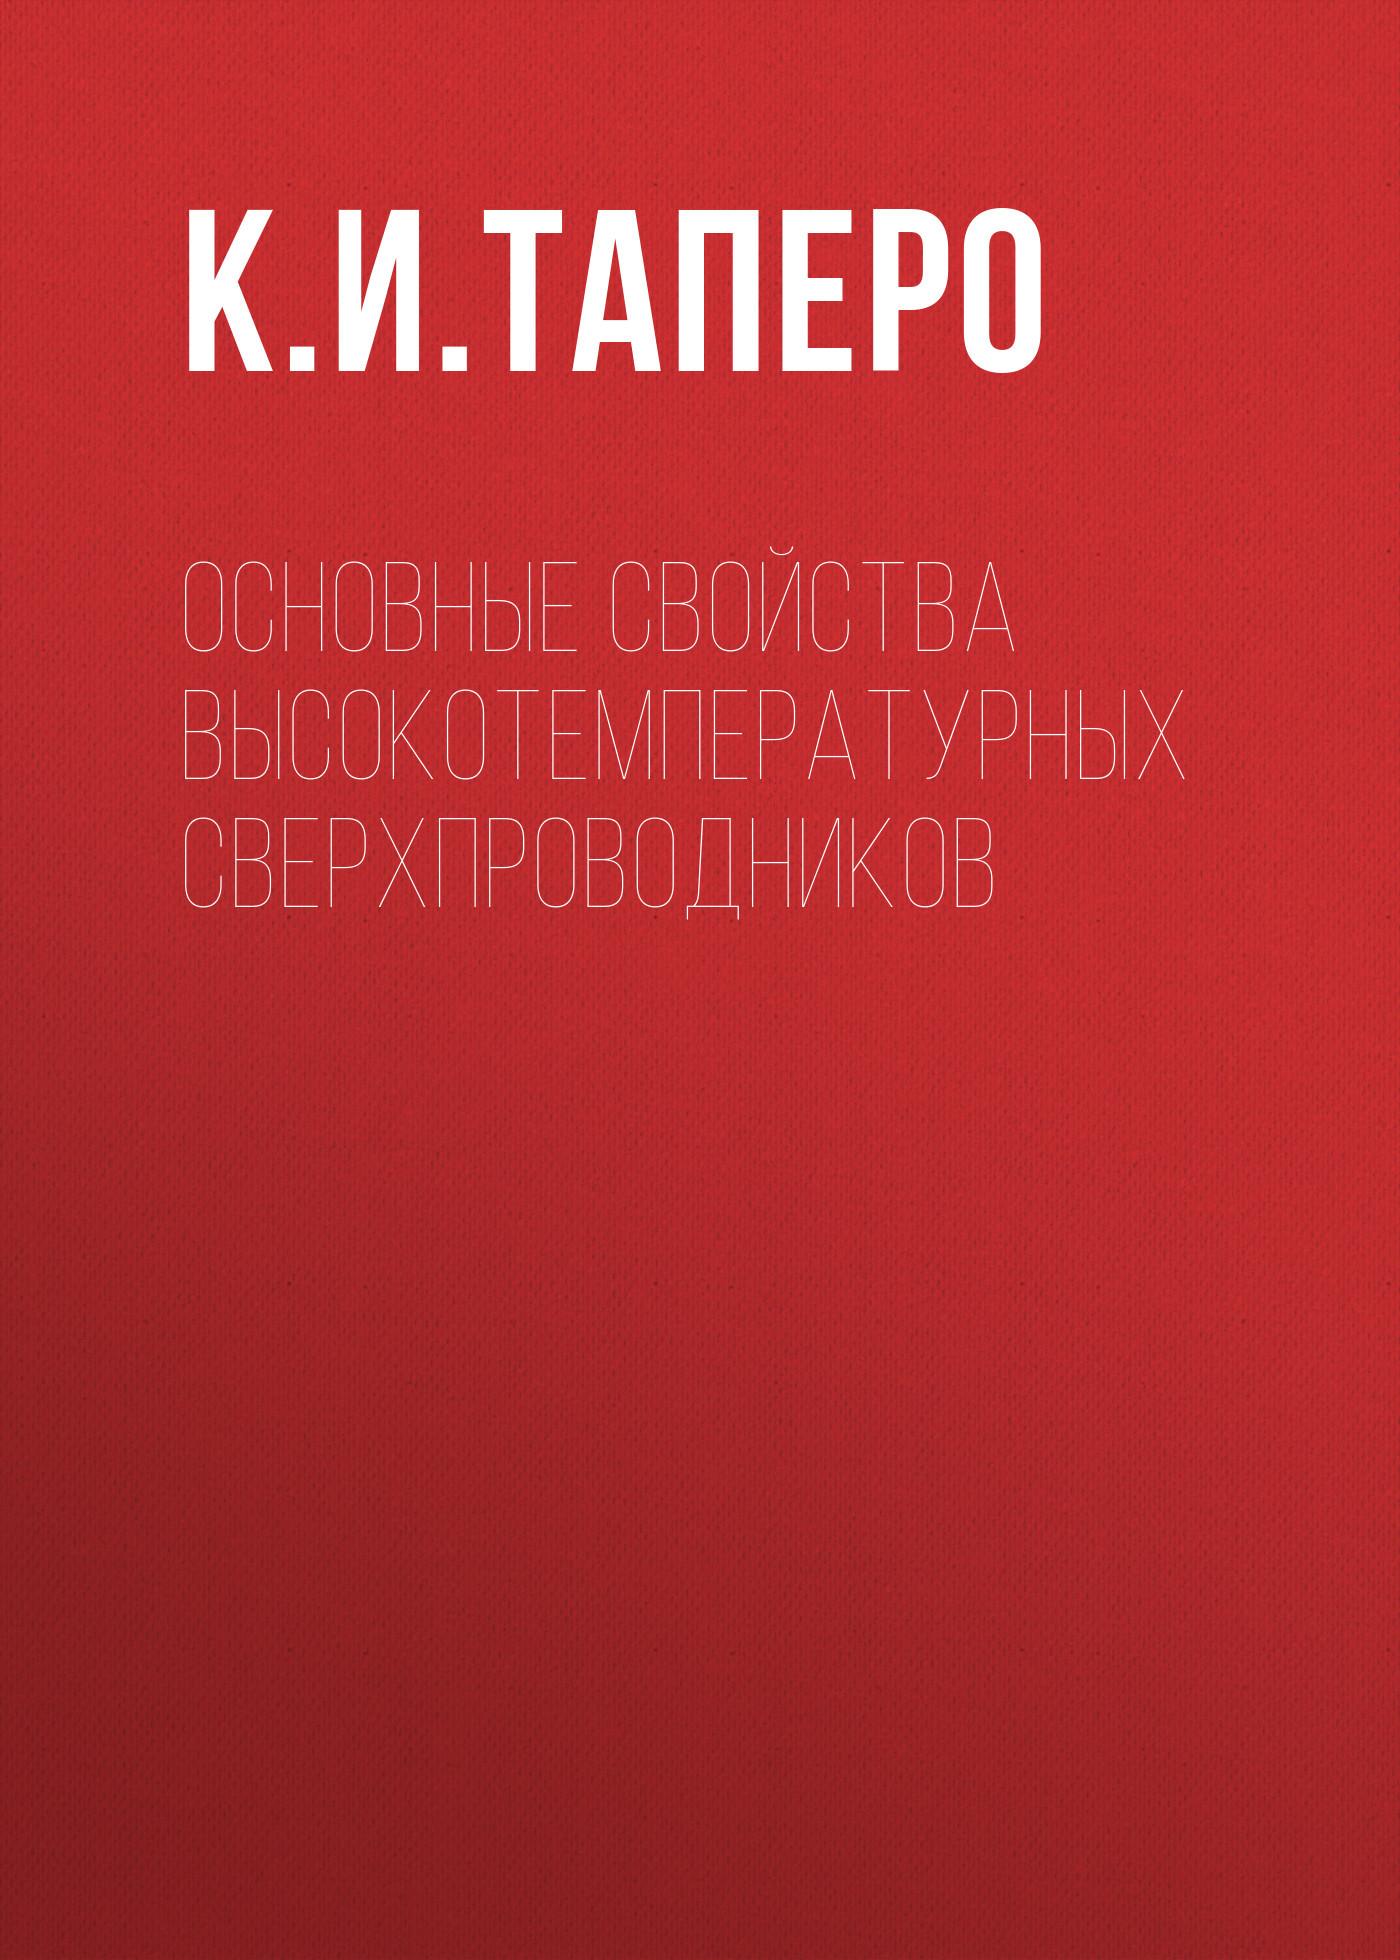 Книга притягивает взоры 35/95/09/35950971.bin.dir/35950971.cover.jpg обложка